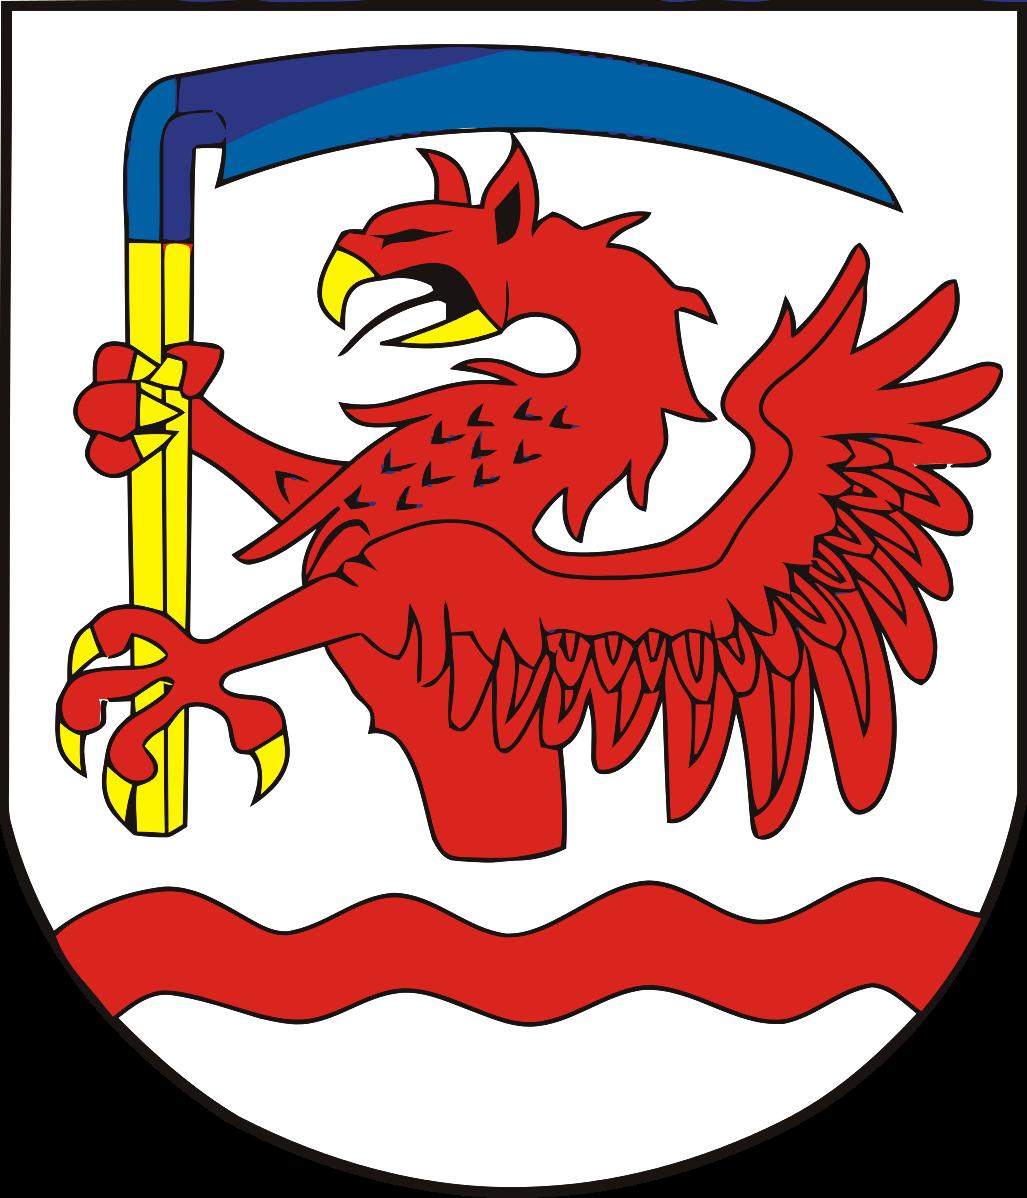 Miastko